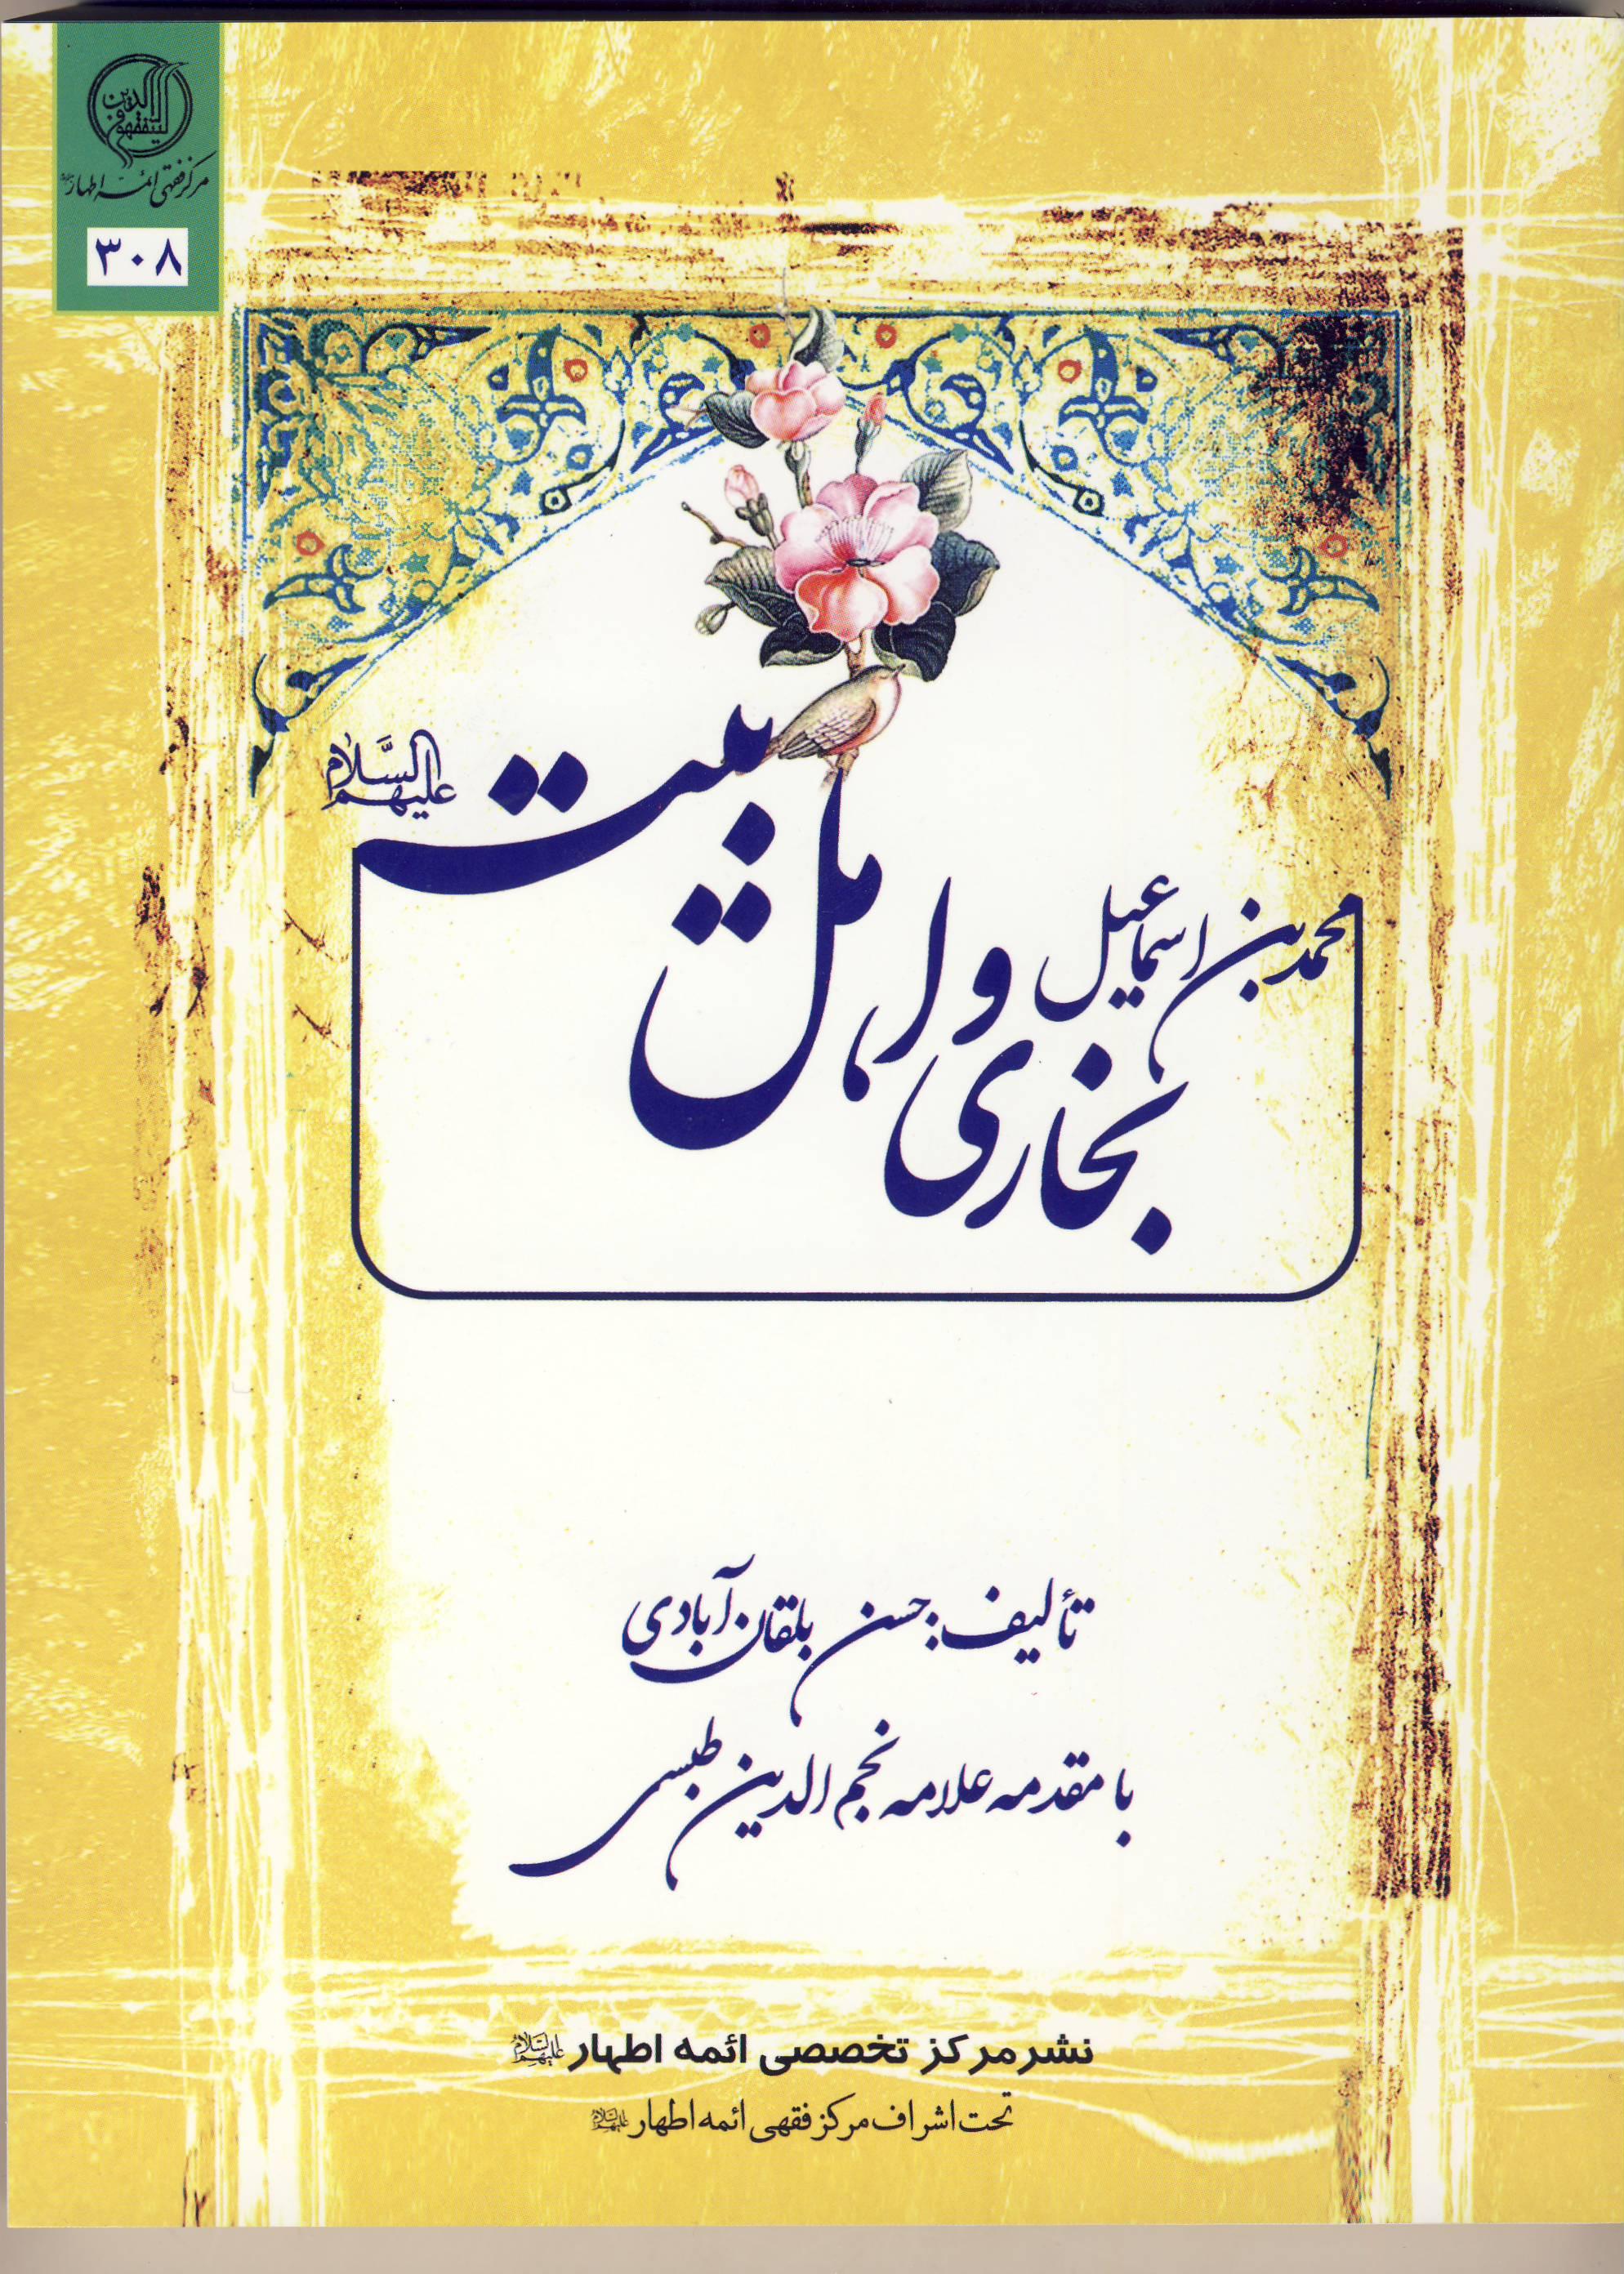 محمد بن اسماعیل بخاری و اهل بیت(ع)